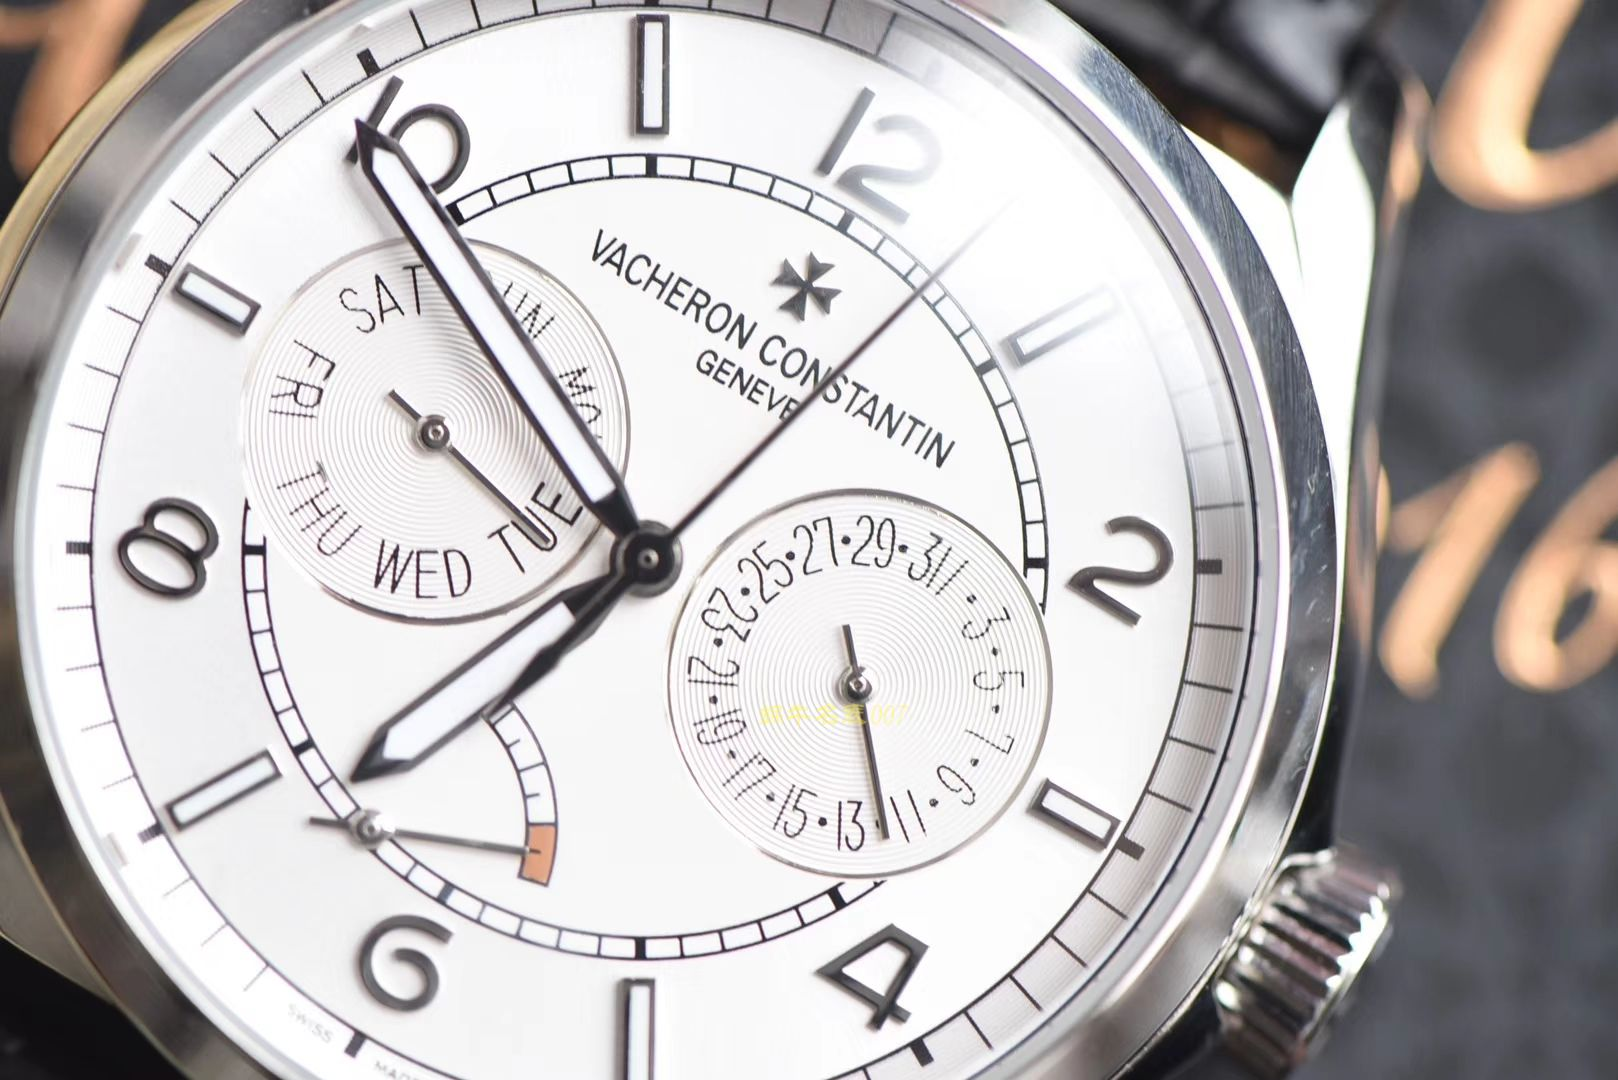 【视频评测TWA一比一高仿手表】江诗丹顿伍陆之型系列4400E/000A-B437腕表 / JS193